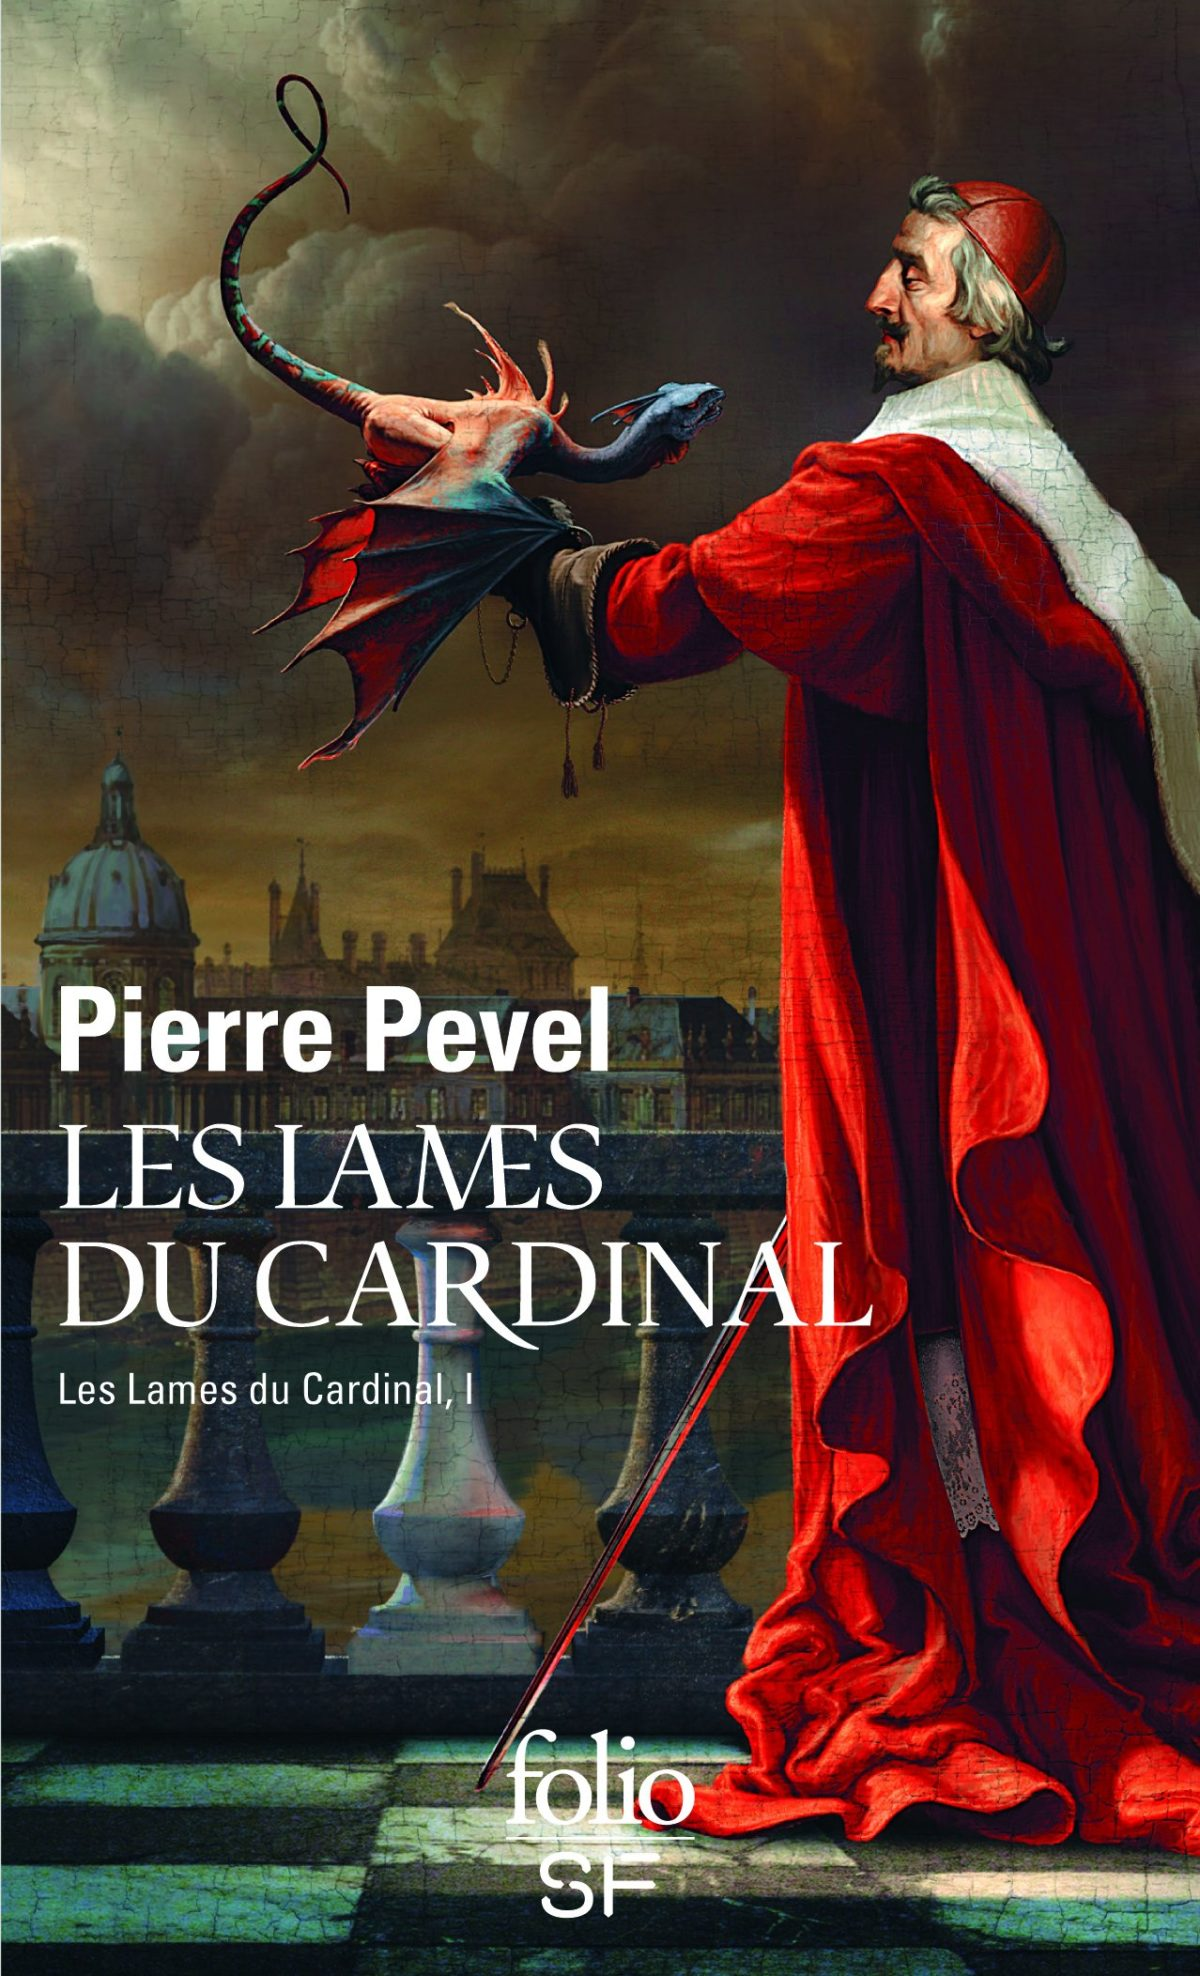 Les Lames du Cardinal, avis de lecture